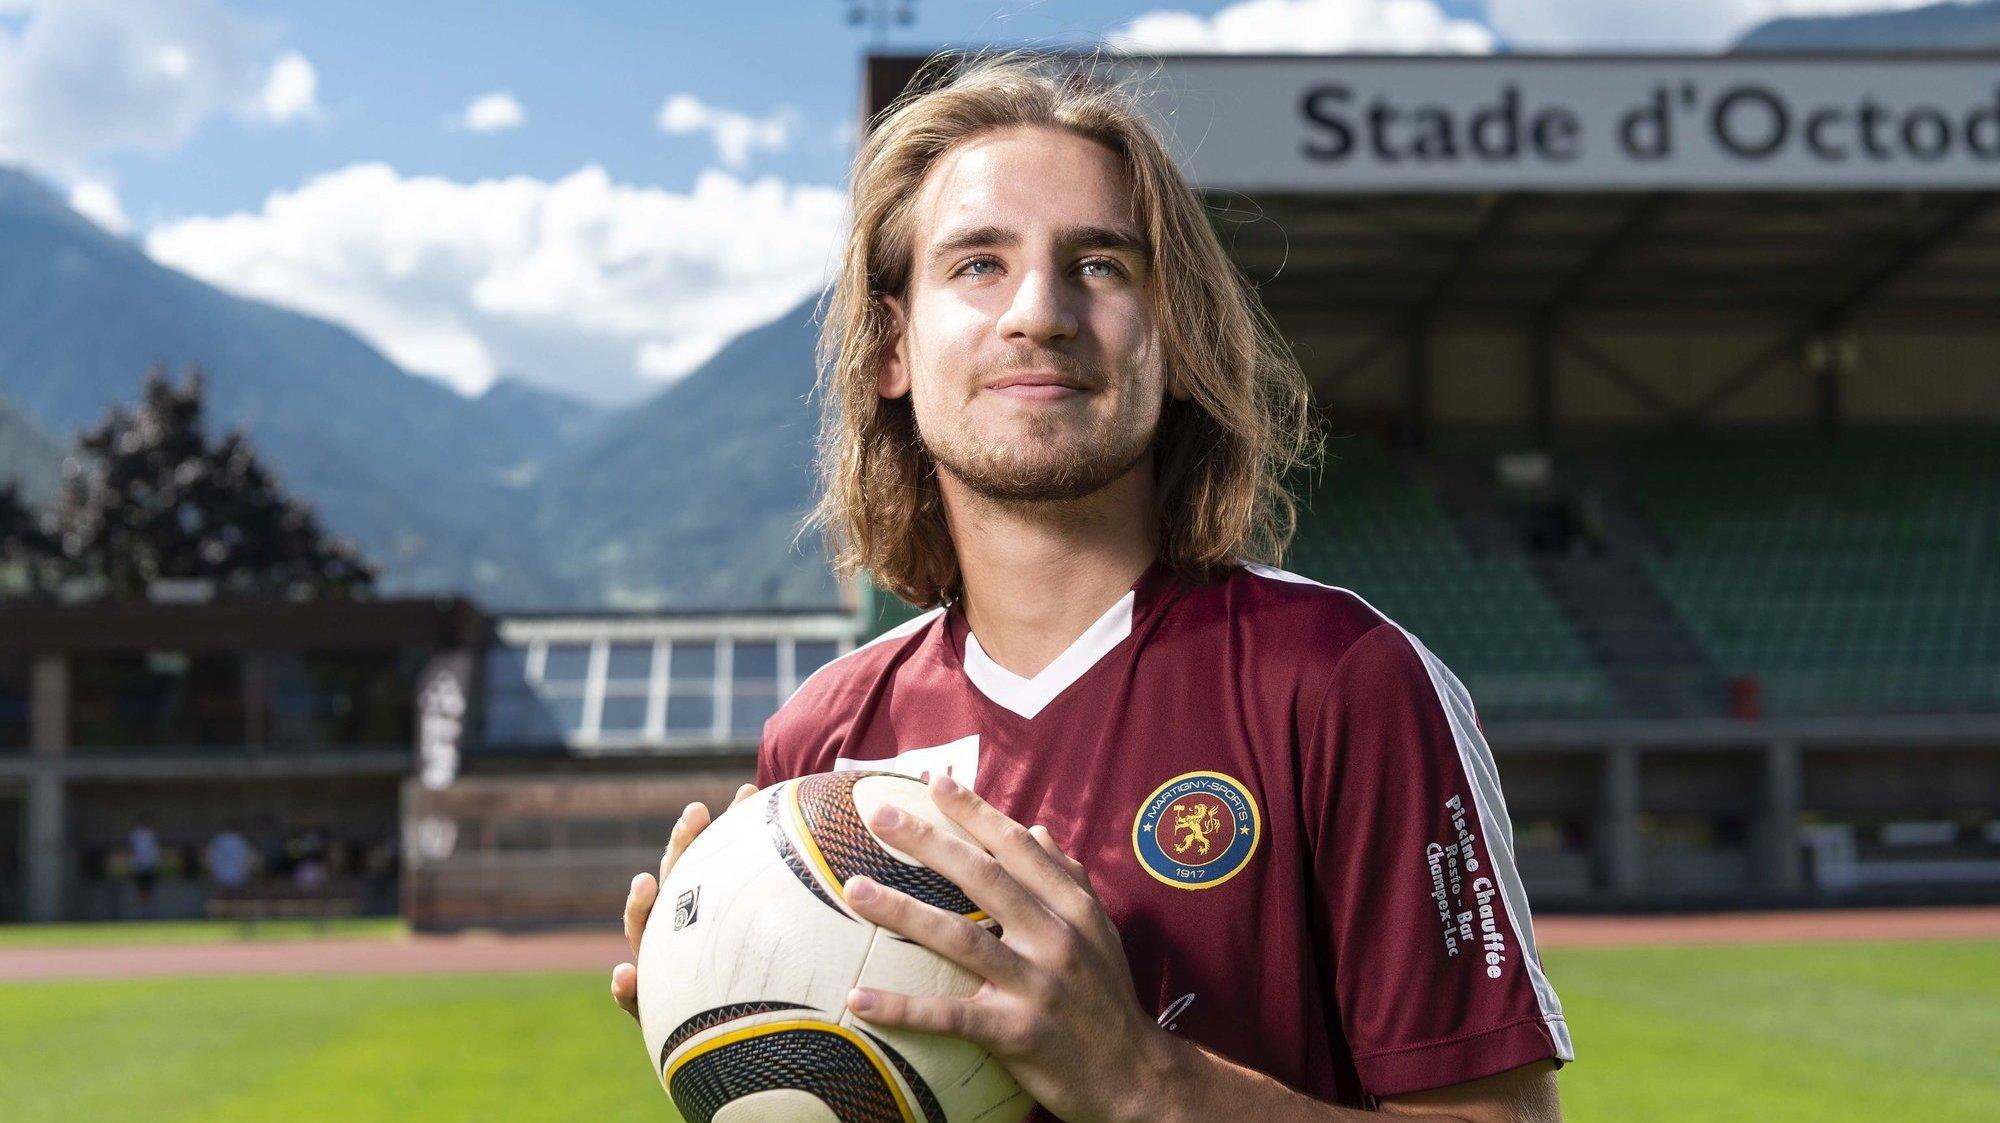 Kenan Samardzic pose avec le maillot du Martigny-Sports au stade d'Octodure, son nouveau domicile footballistique.